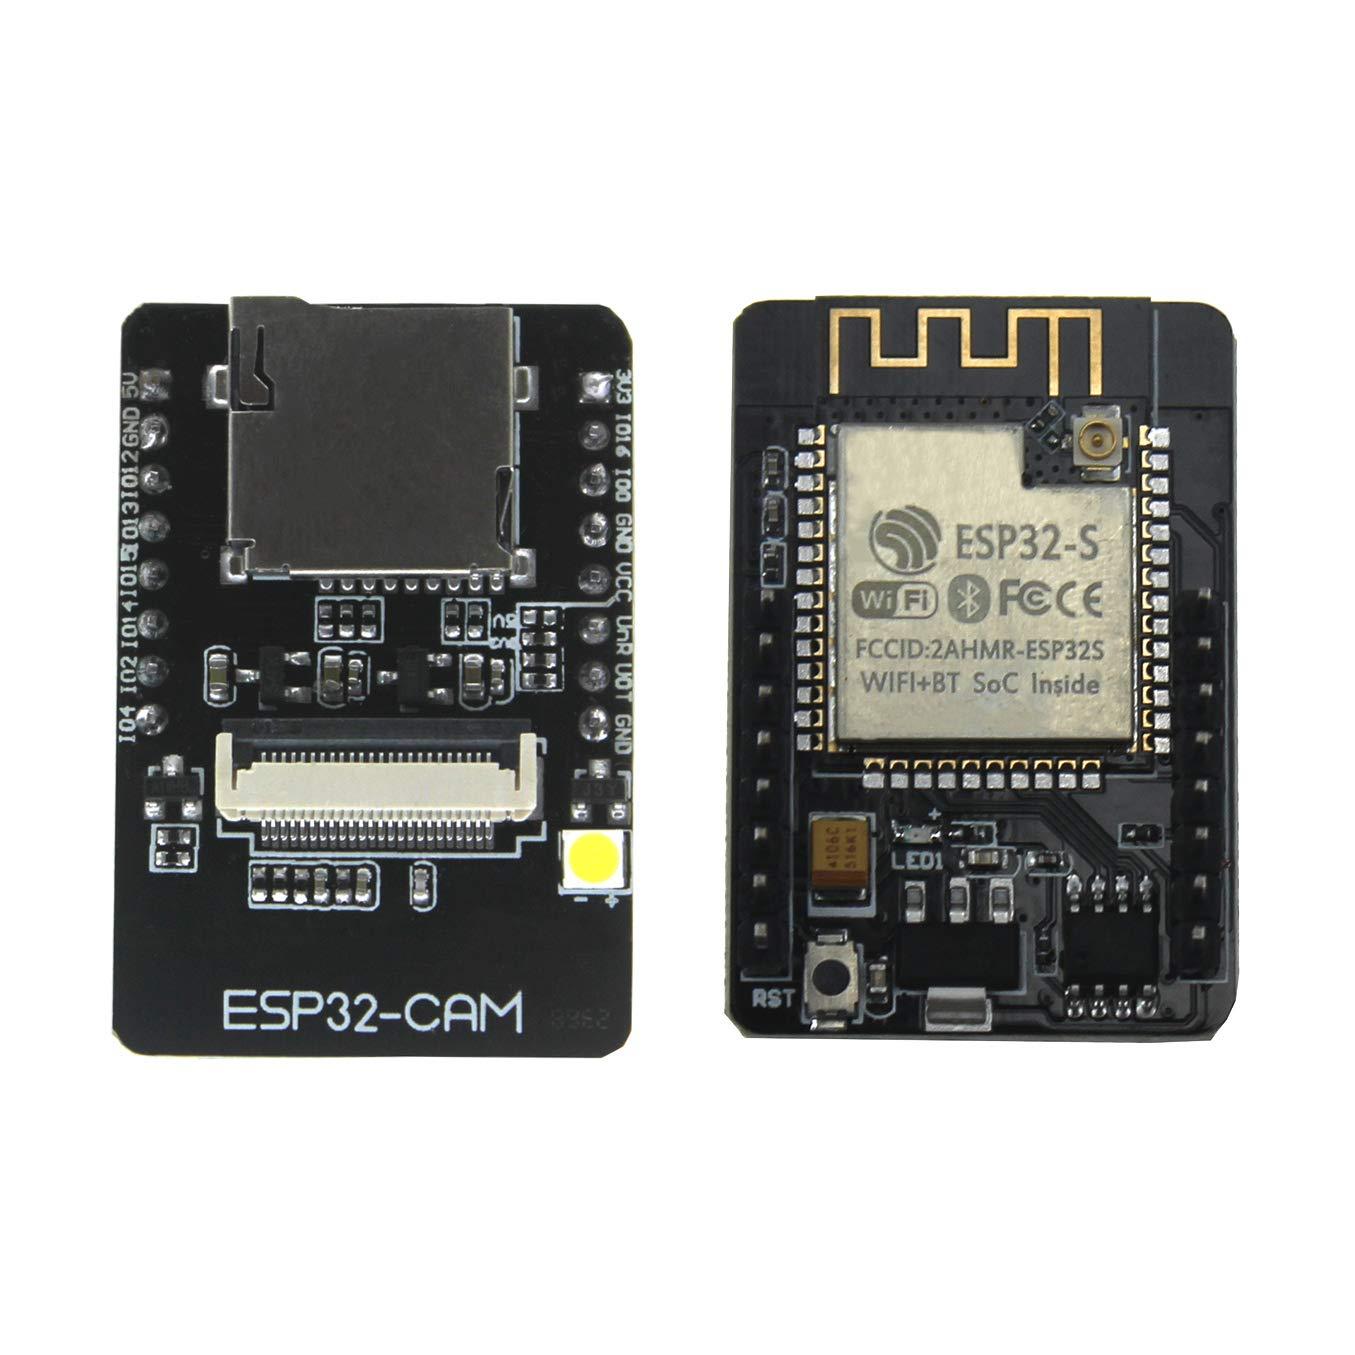 KeeYees 1 Set ESP32-CAM Camera WiFi + Bluetooth Module 4M PSRAM Dual-core  32-bit CPU Development Board with OV2640 2MP Camera Module Support Image